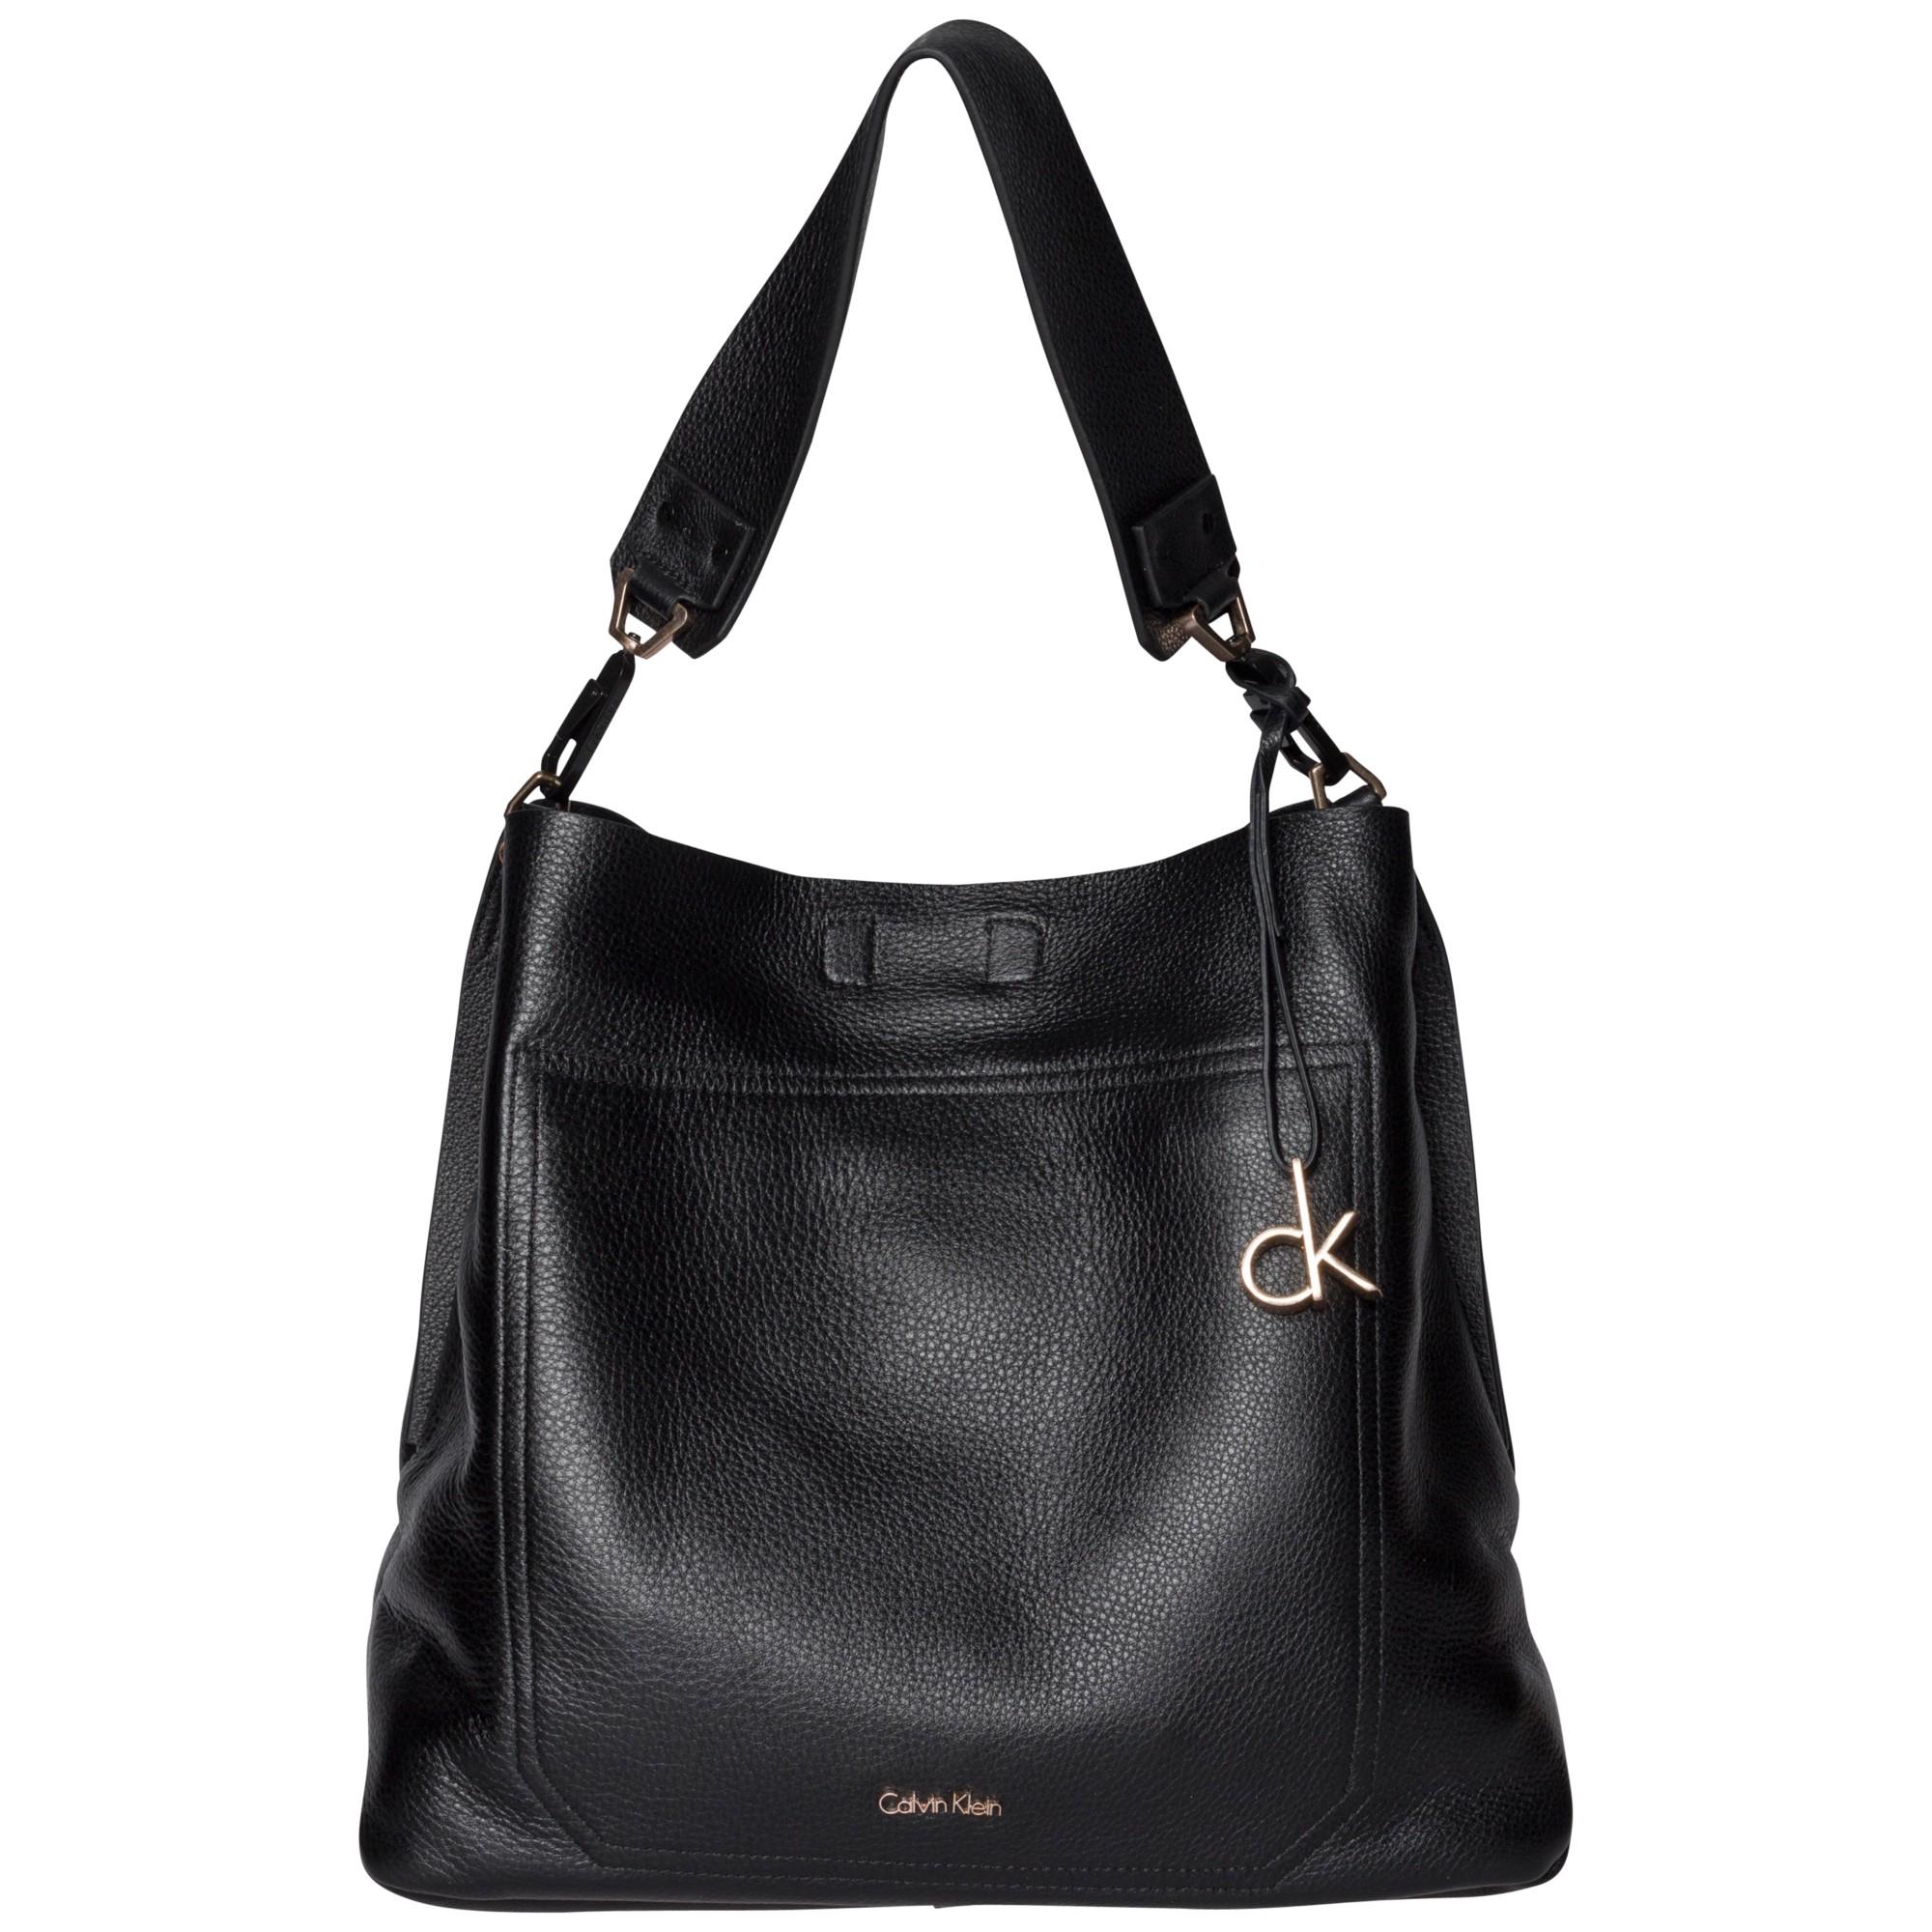 Calvin Klein Charlene Leather Hobo Bag